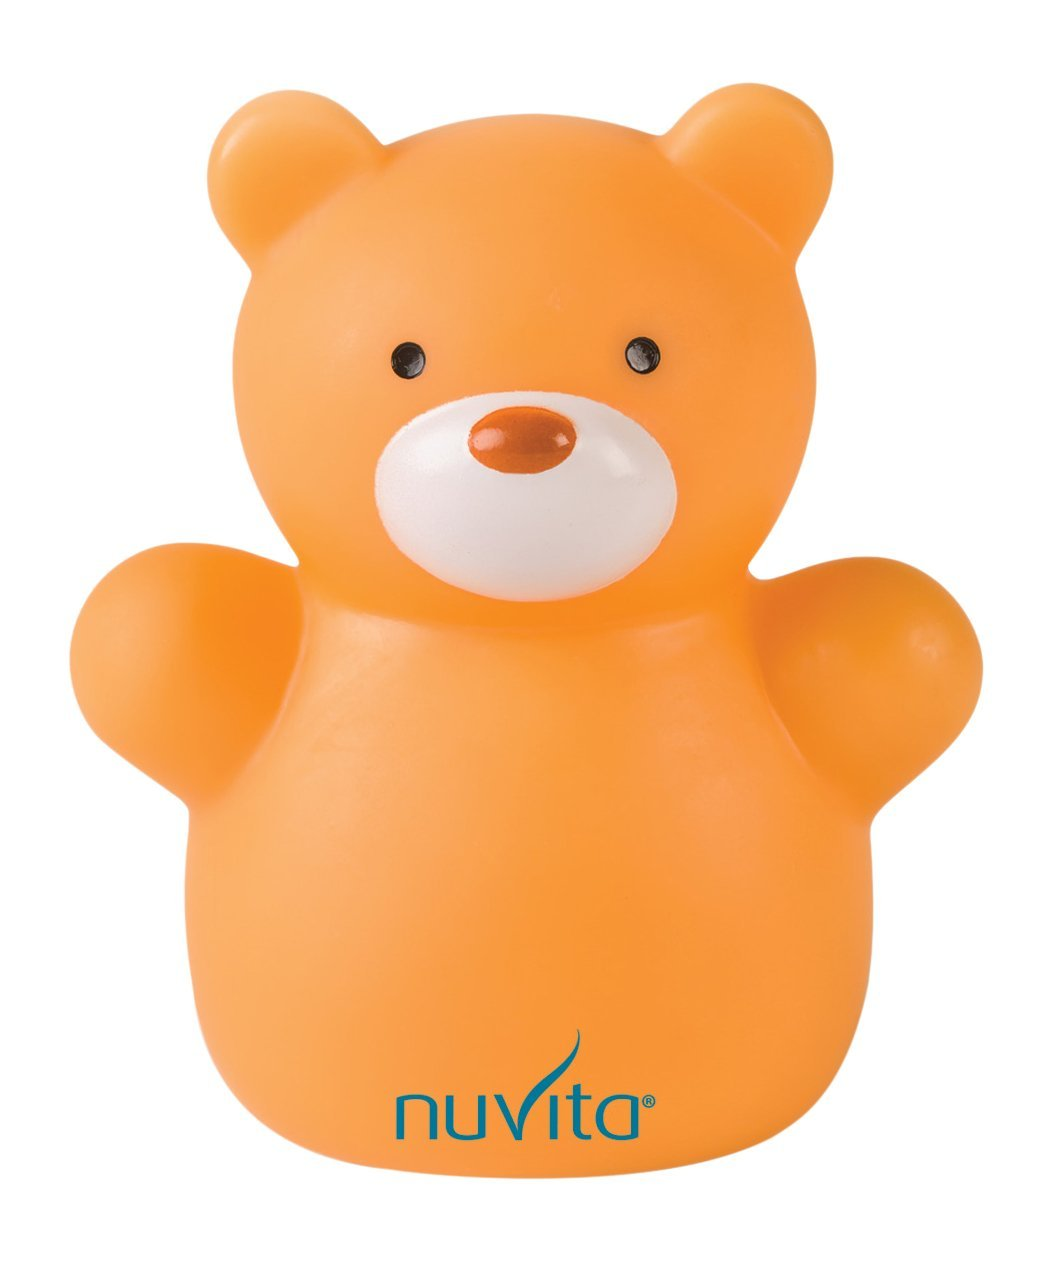 Nuvita NU-BDNL0001-6601 Luce Notturna Orso, Arancione Anteprima Brands